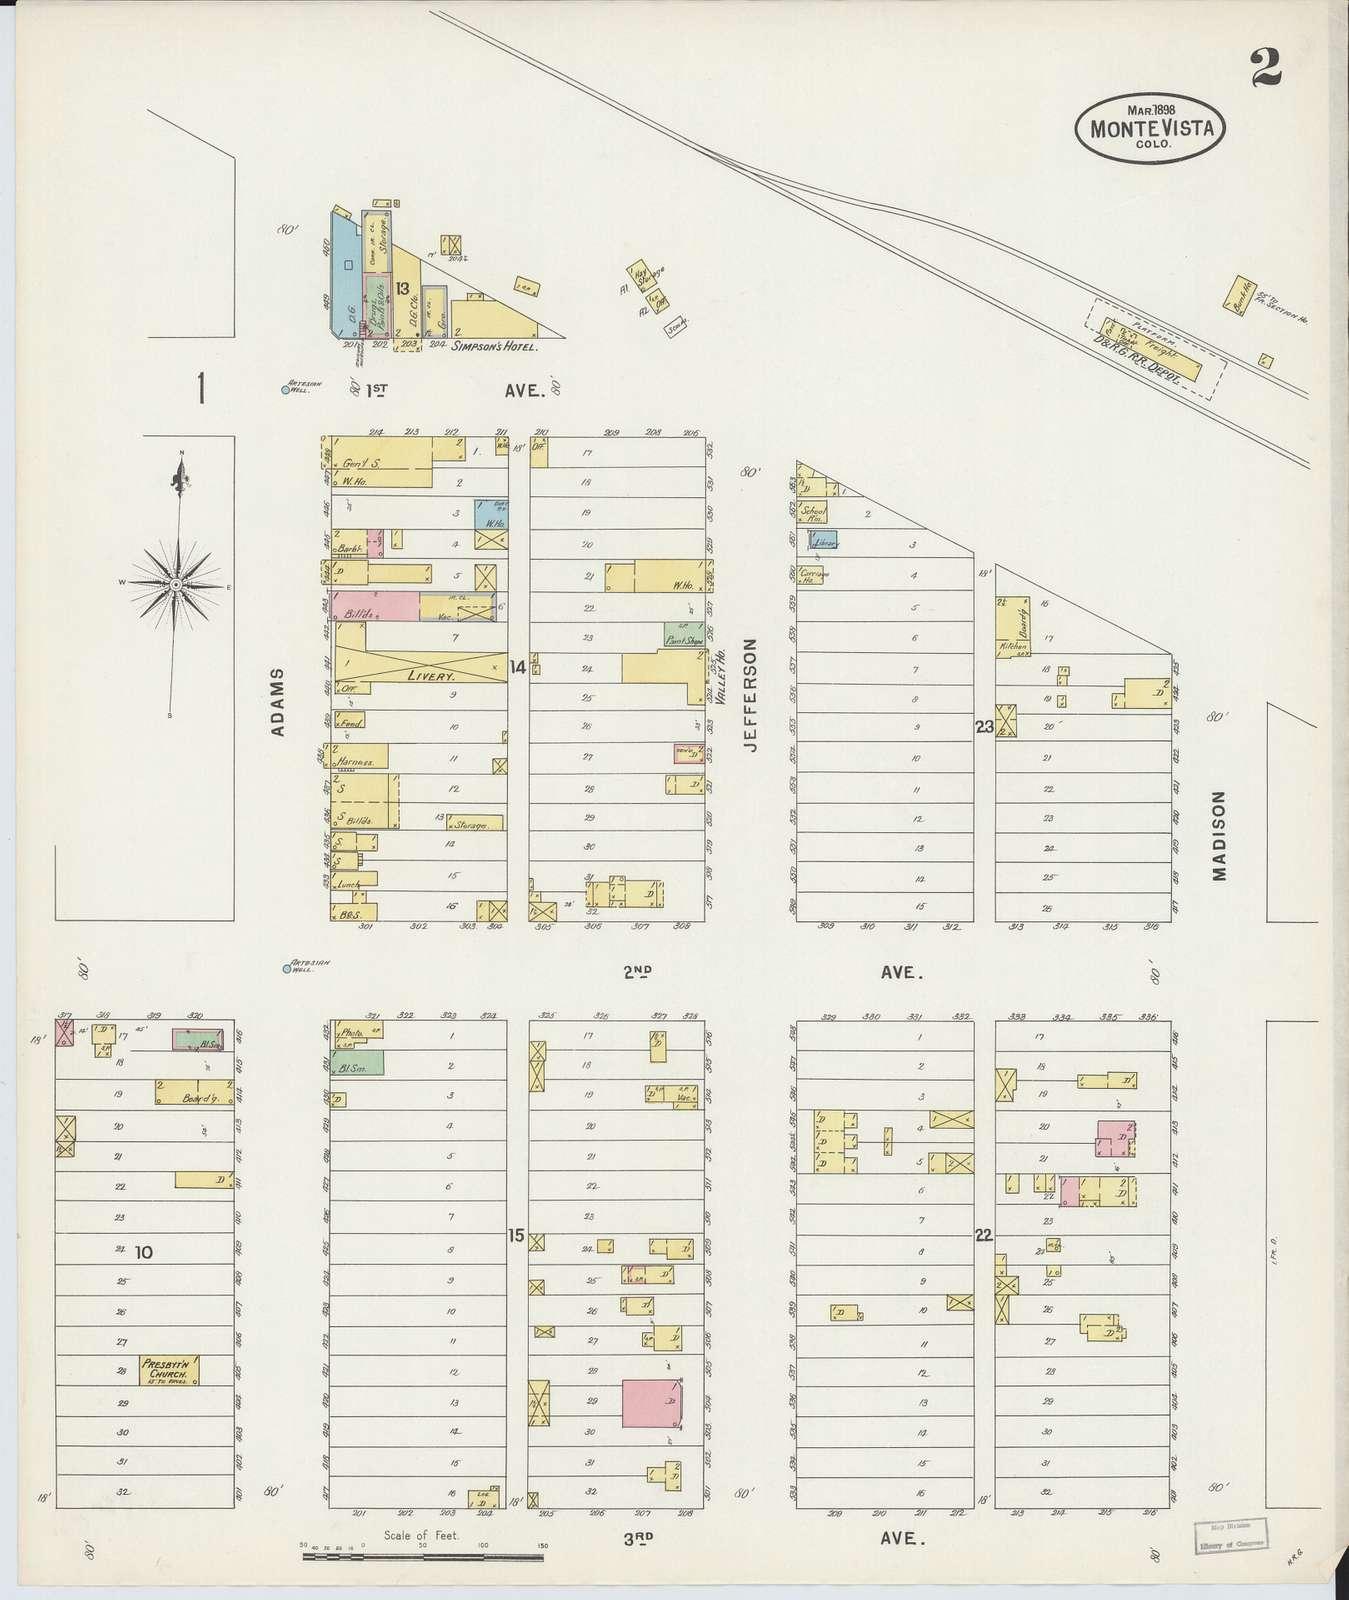 Sanborn Fire Insurance Map from Monte Vista, Rio Grande County, Colorado.